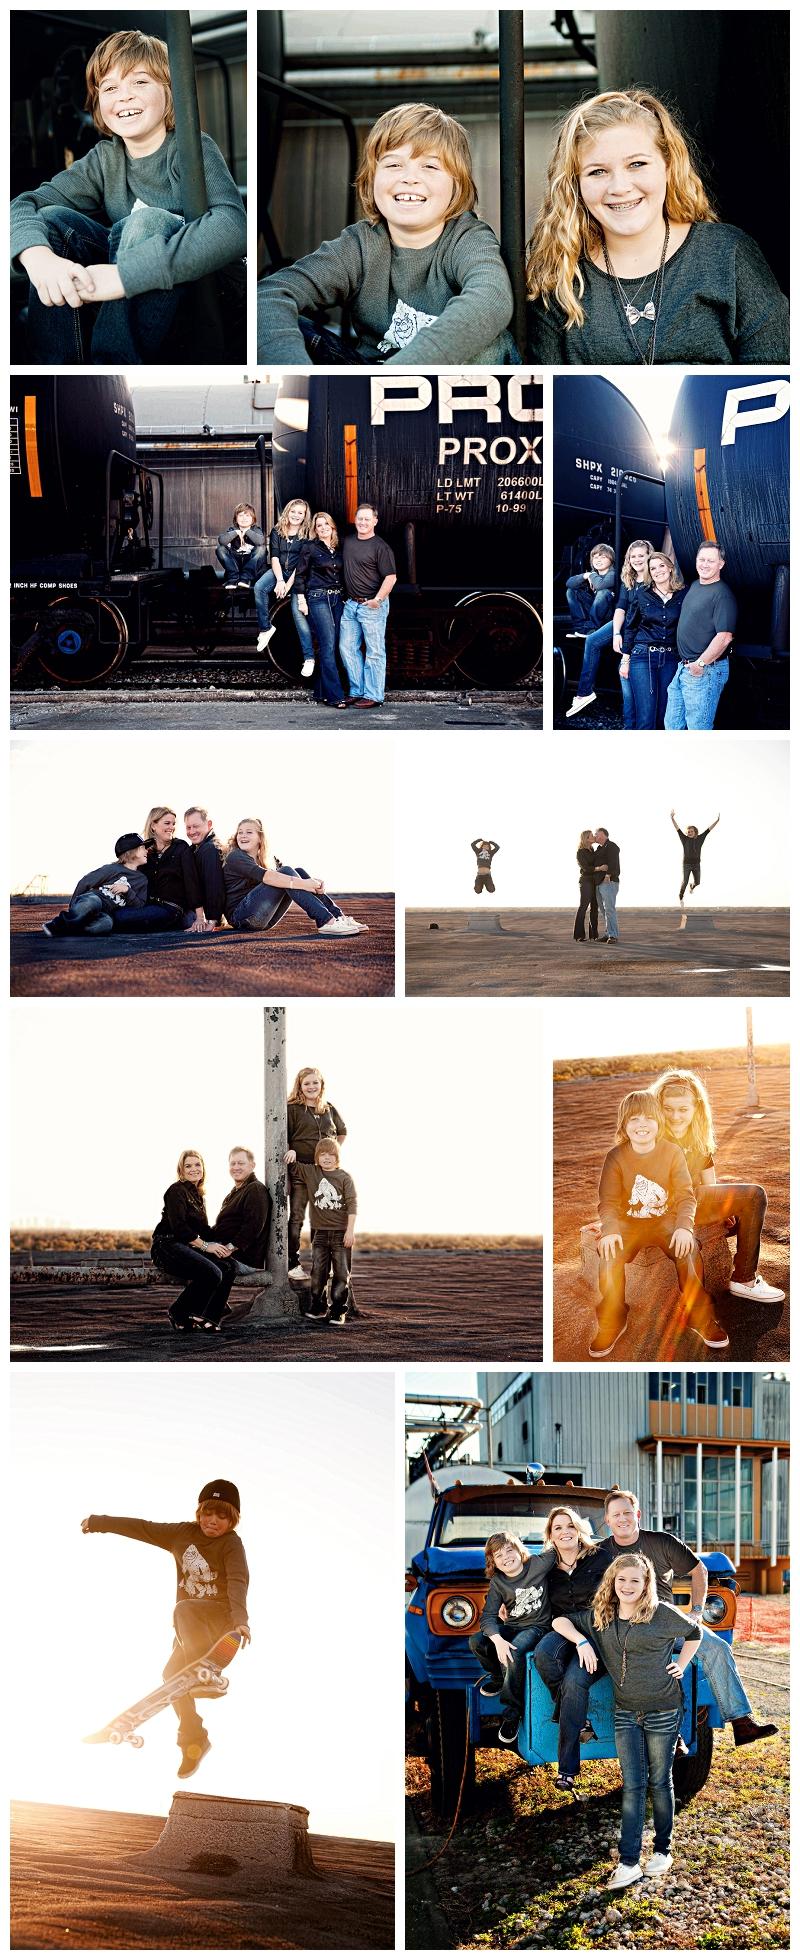 2012-11-27_0003.jpg